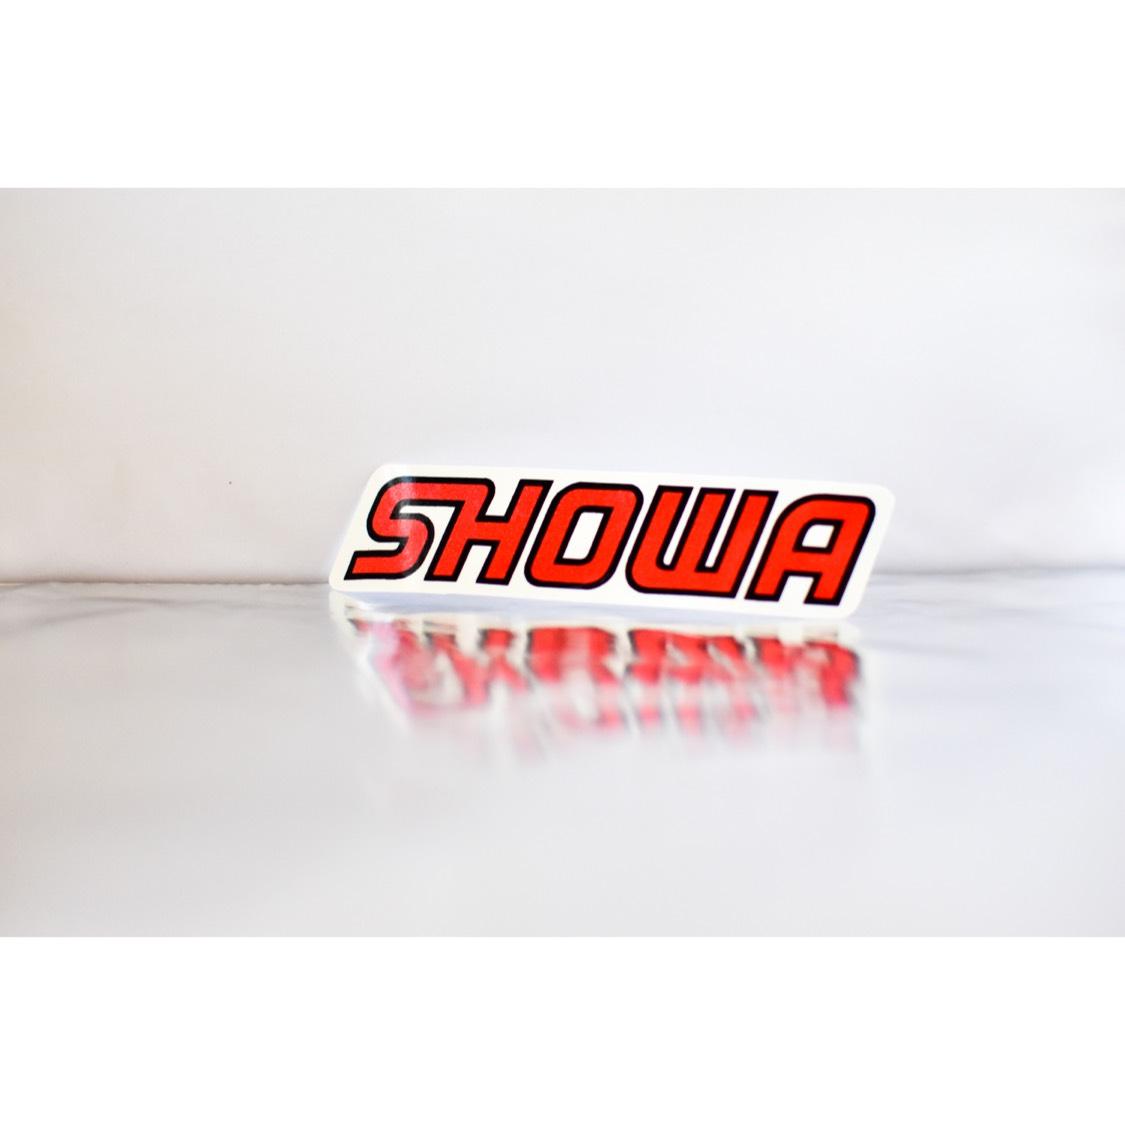 【数量限定】SHOWA ステッカー 新品!